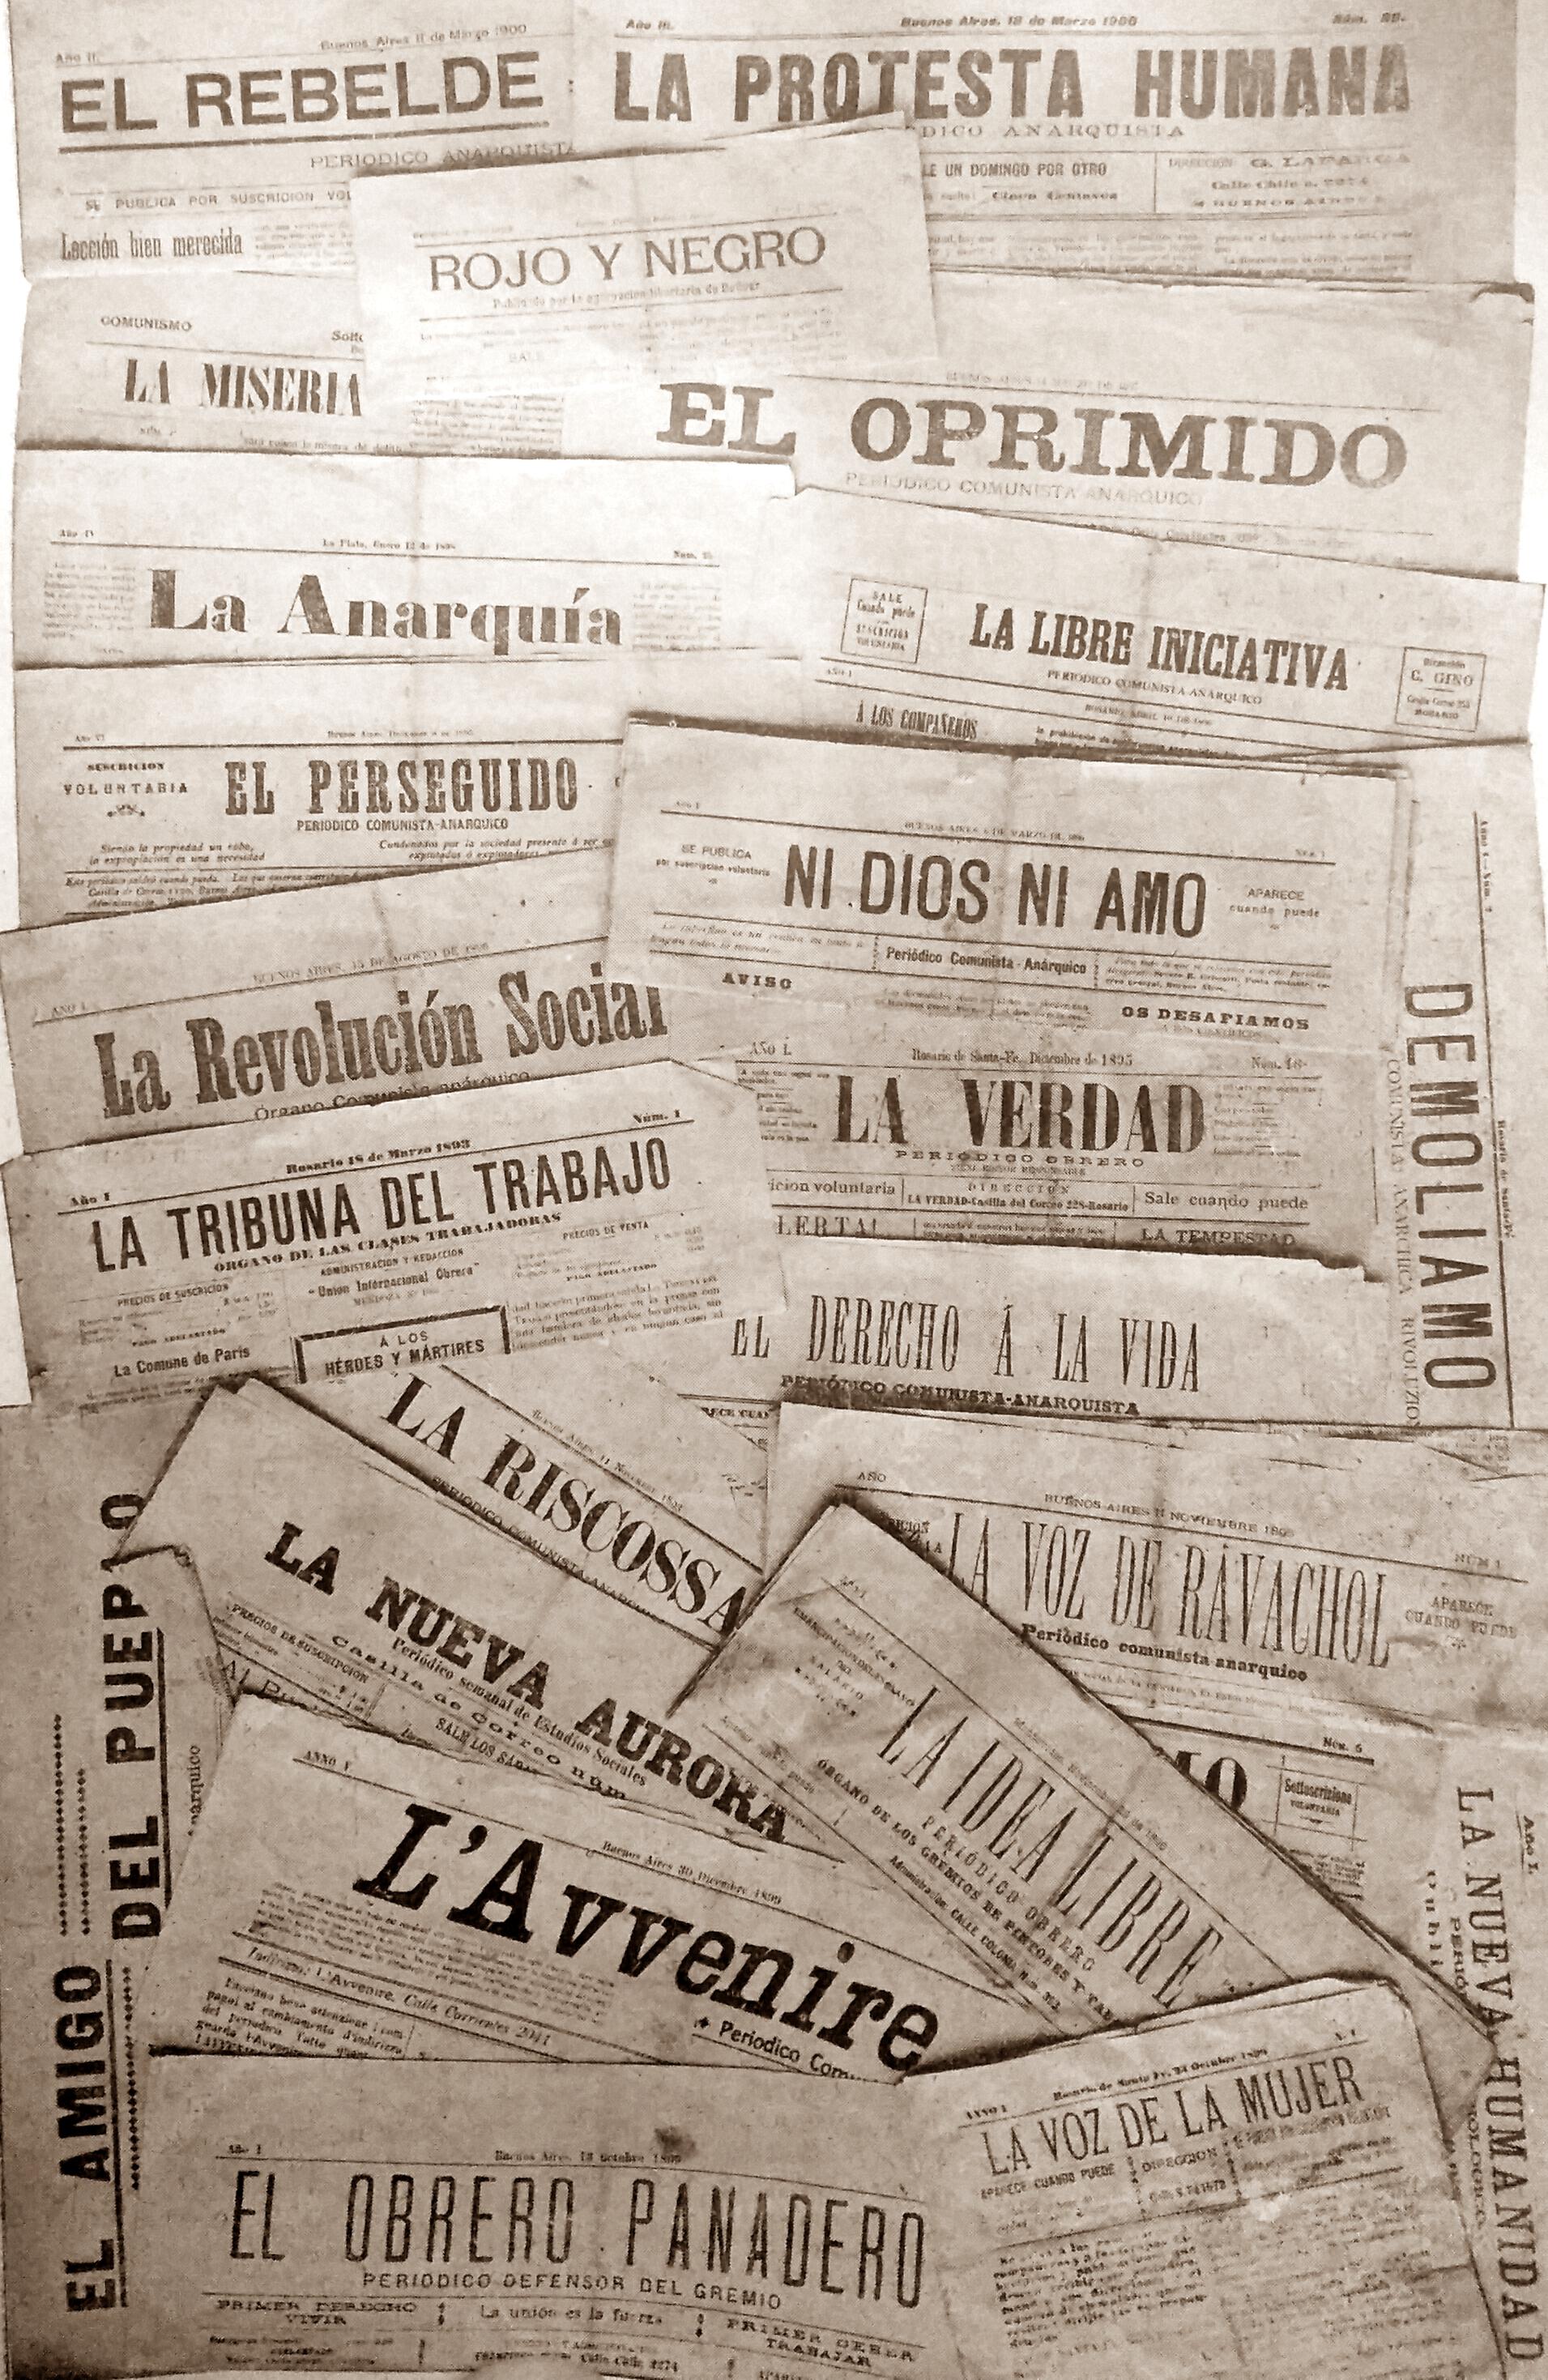 Diarios y publicaciones, del movimiento anarquista, de la época, cuando asesinaron a Eloísa Simón, en febrero de 1903